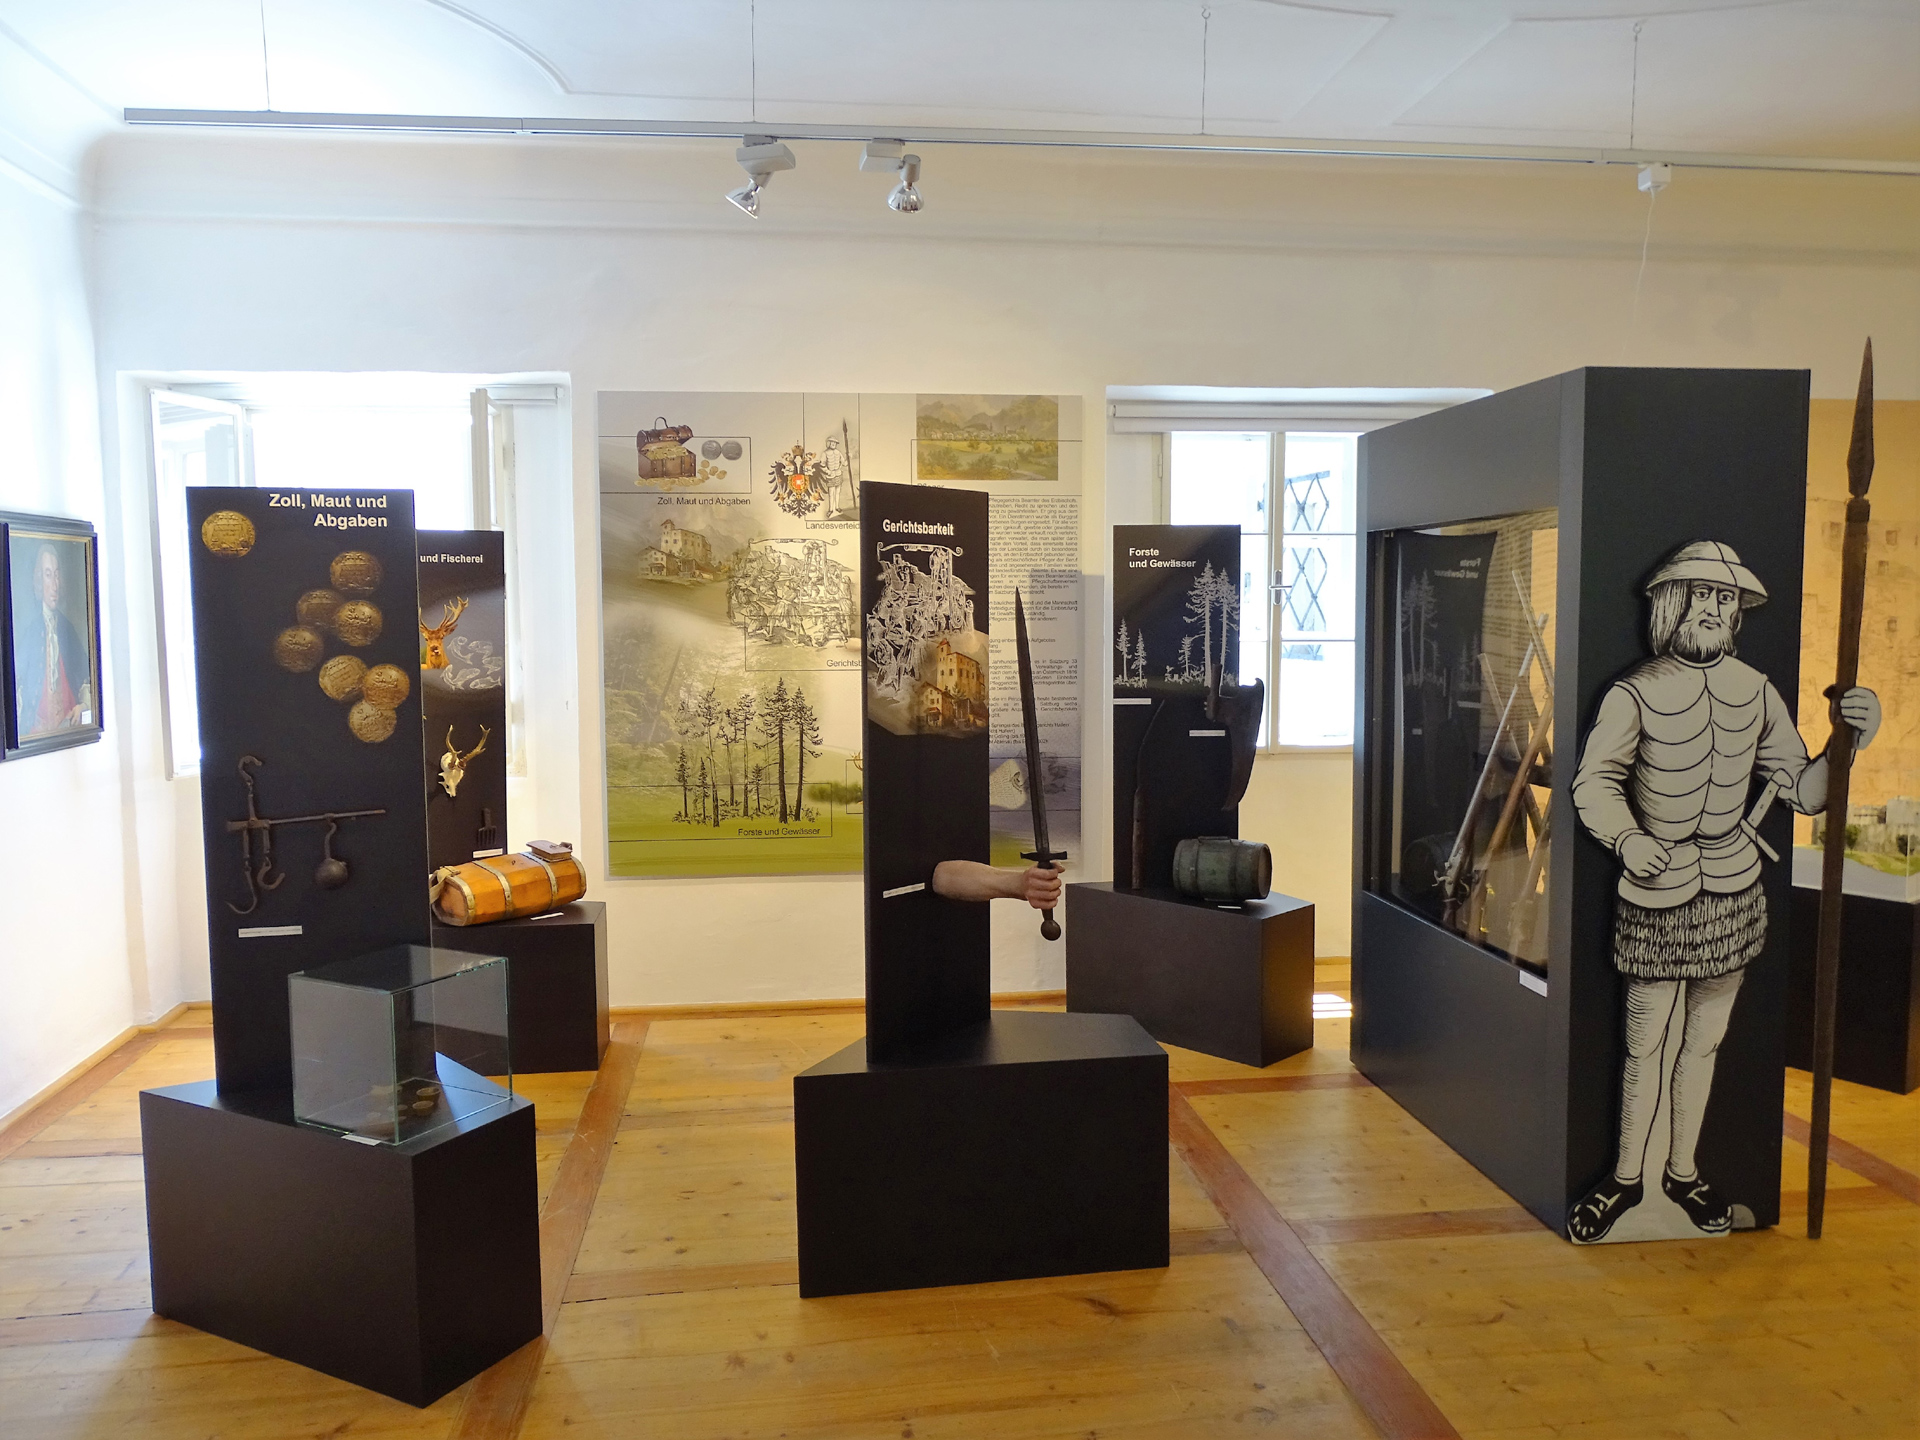 Innenraum des Museums auf der Burg Golling - dunkle Säulen präsentieren die Exponate